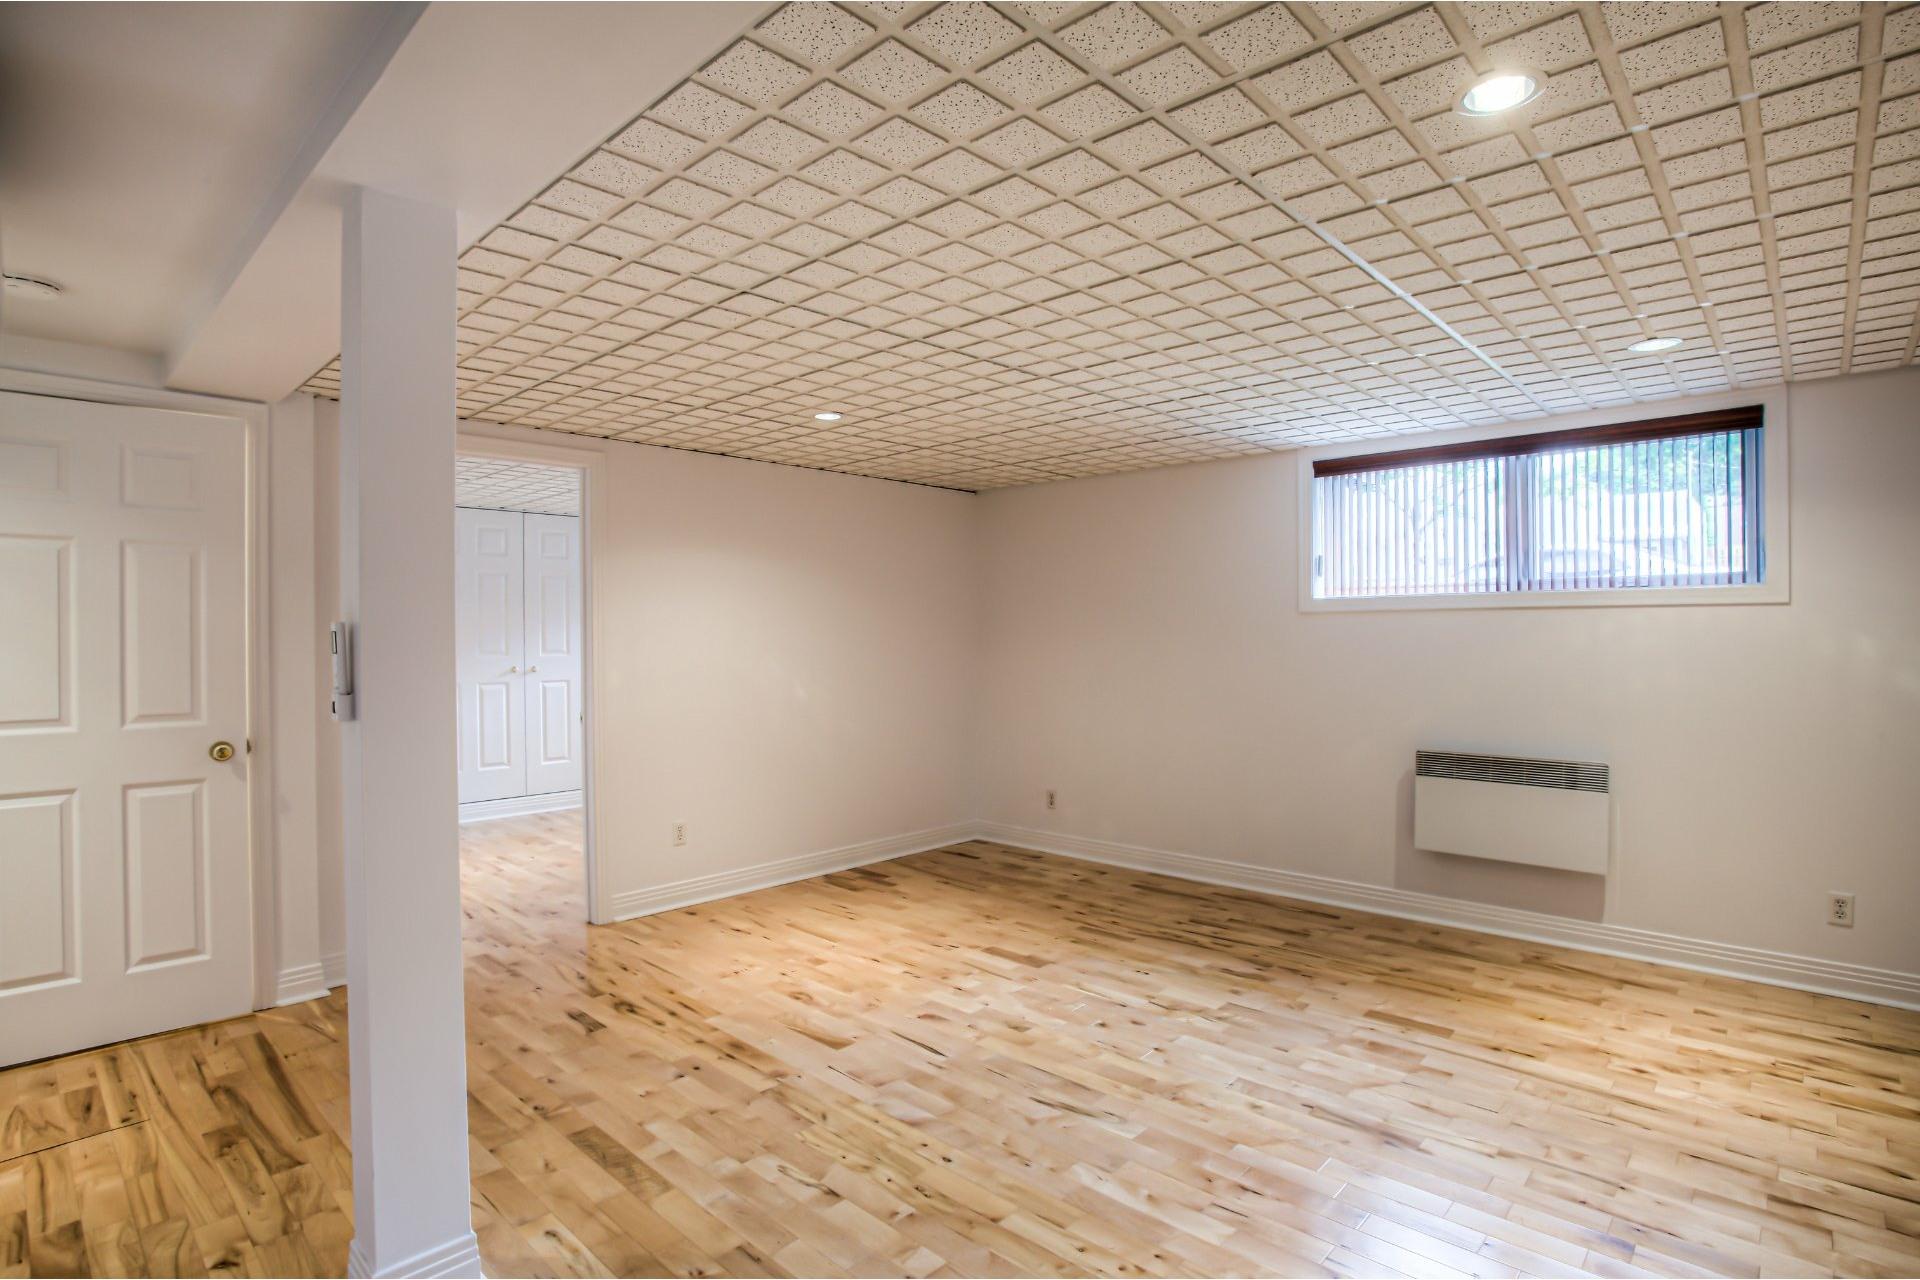 image 15 - Duplex À vendre Le Sud-Ouest Montréal  - 7 pièces